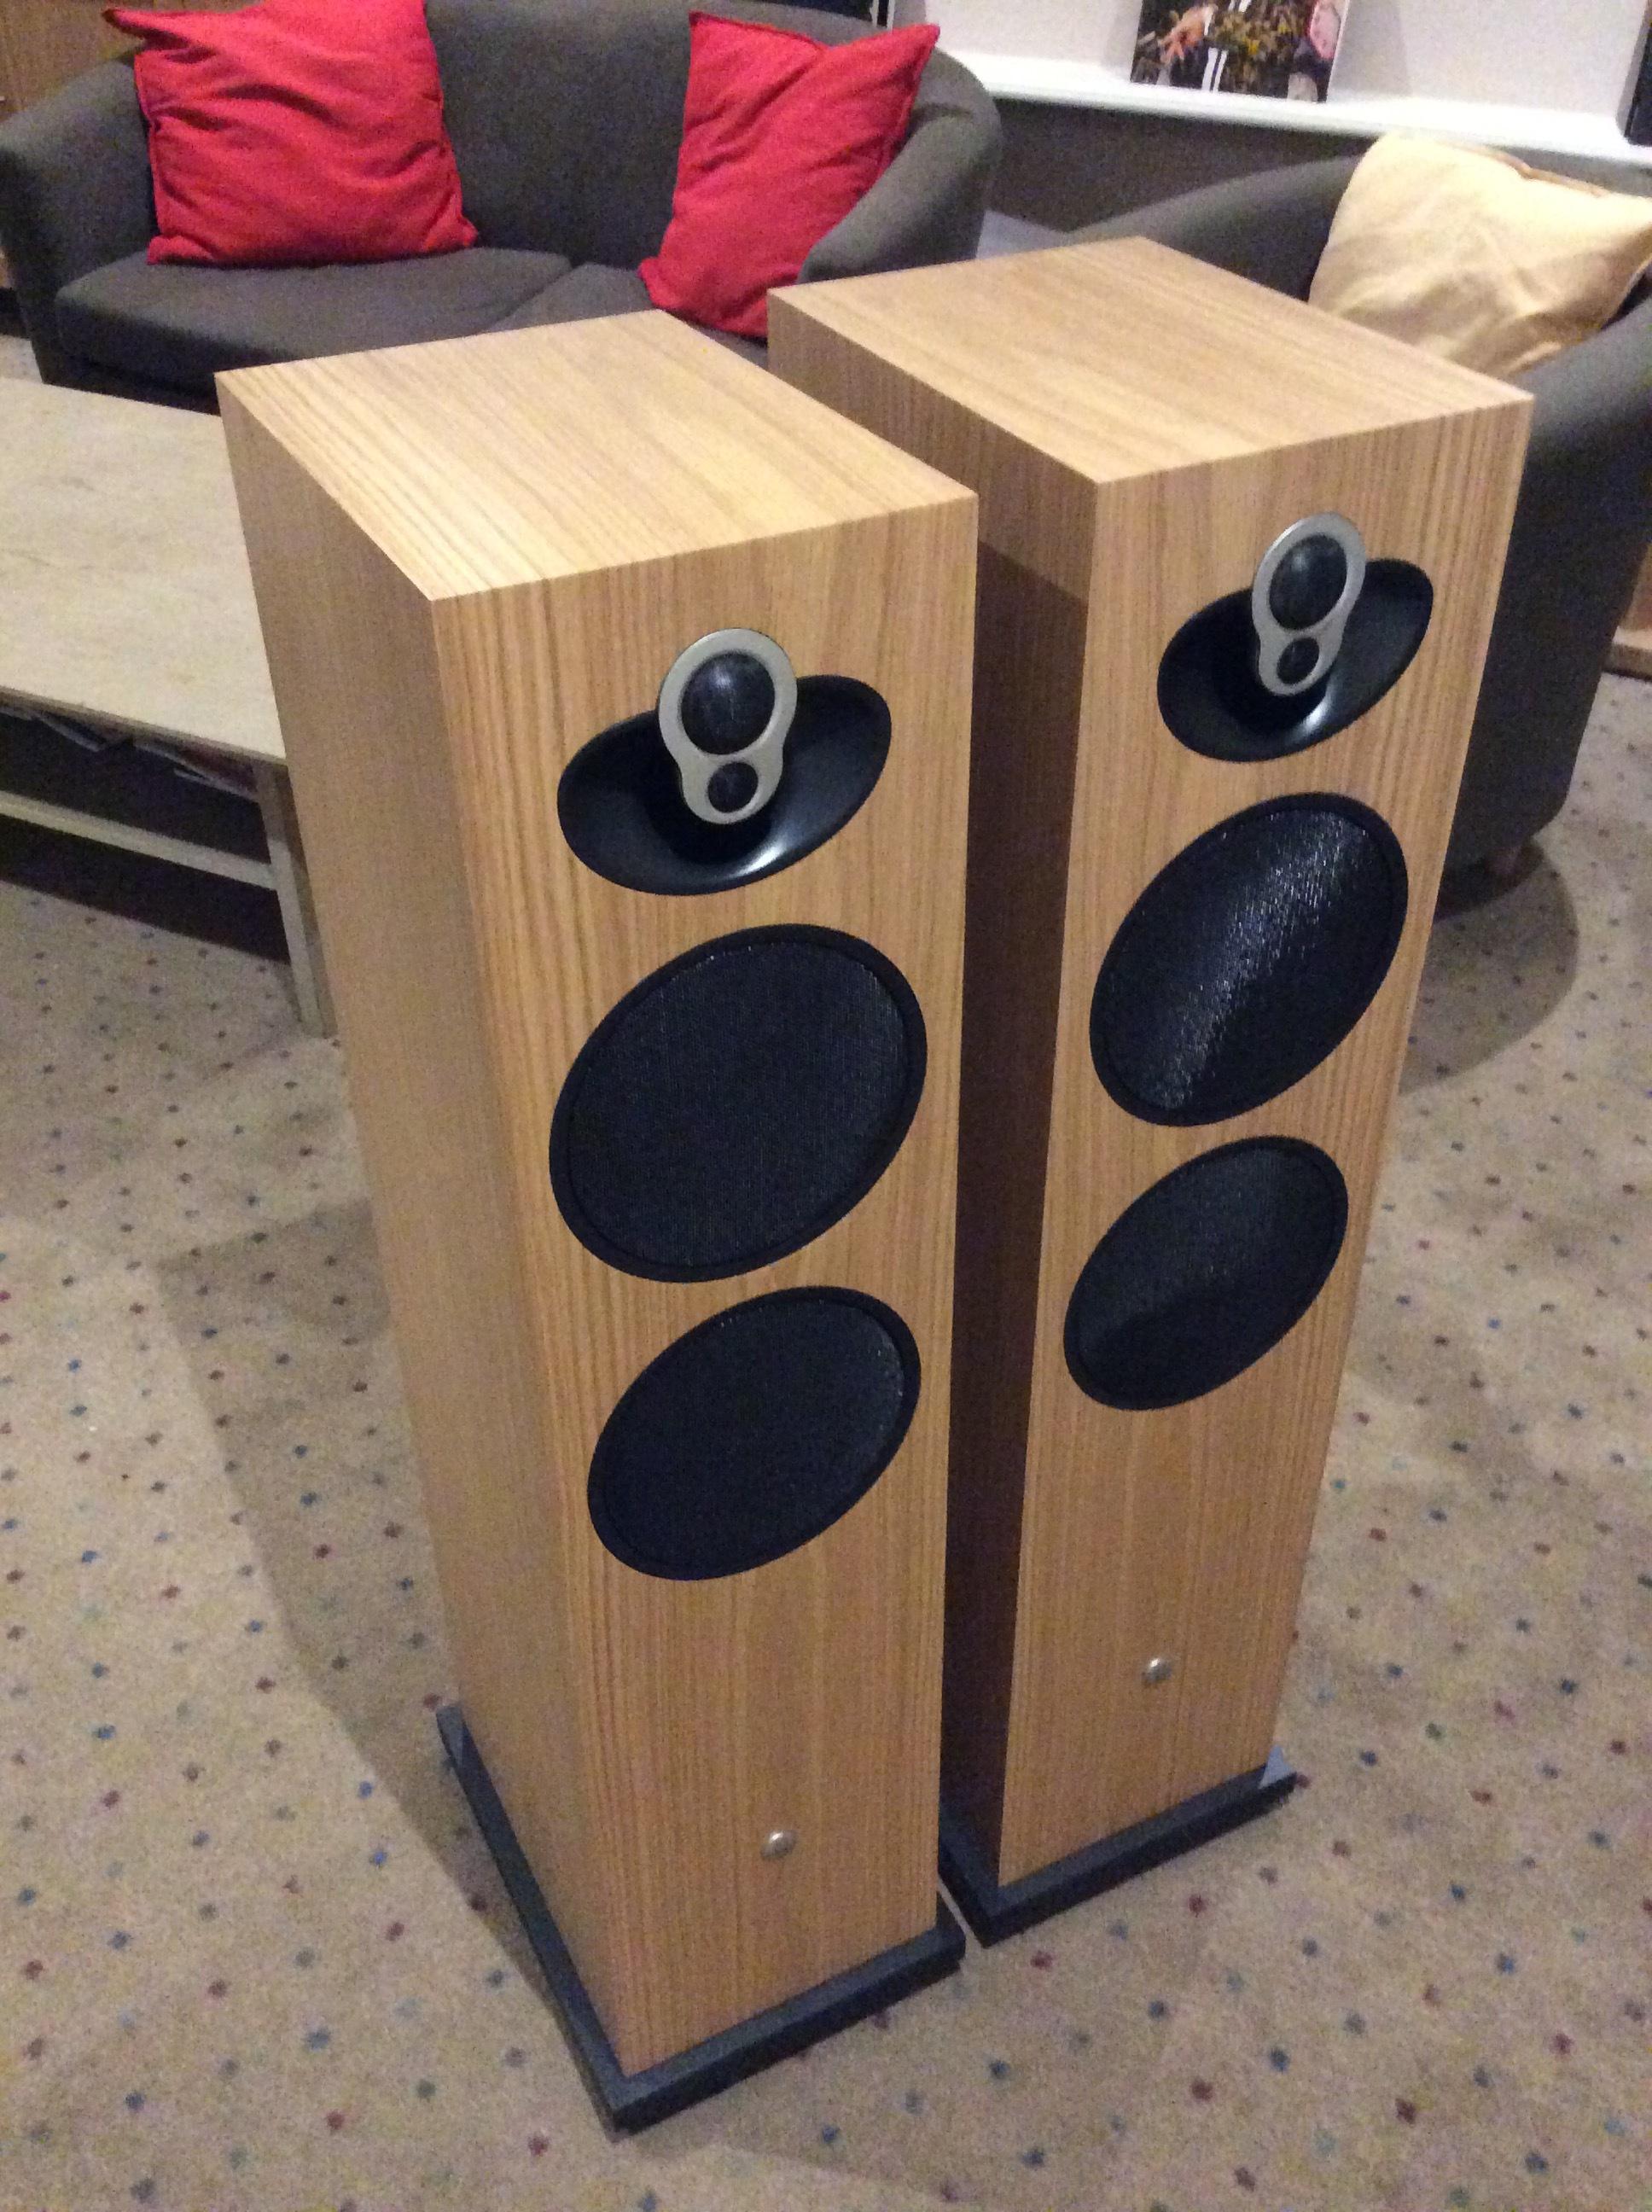 Linn Majik 140 speakers